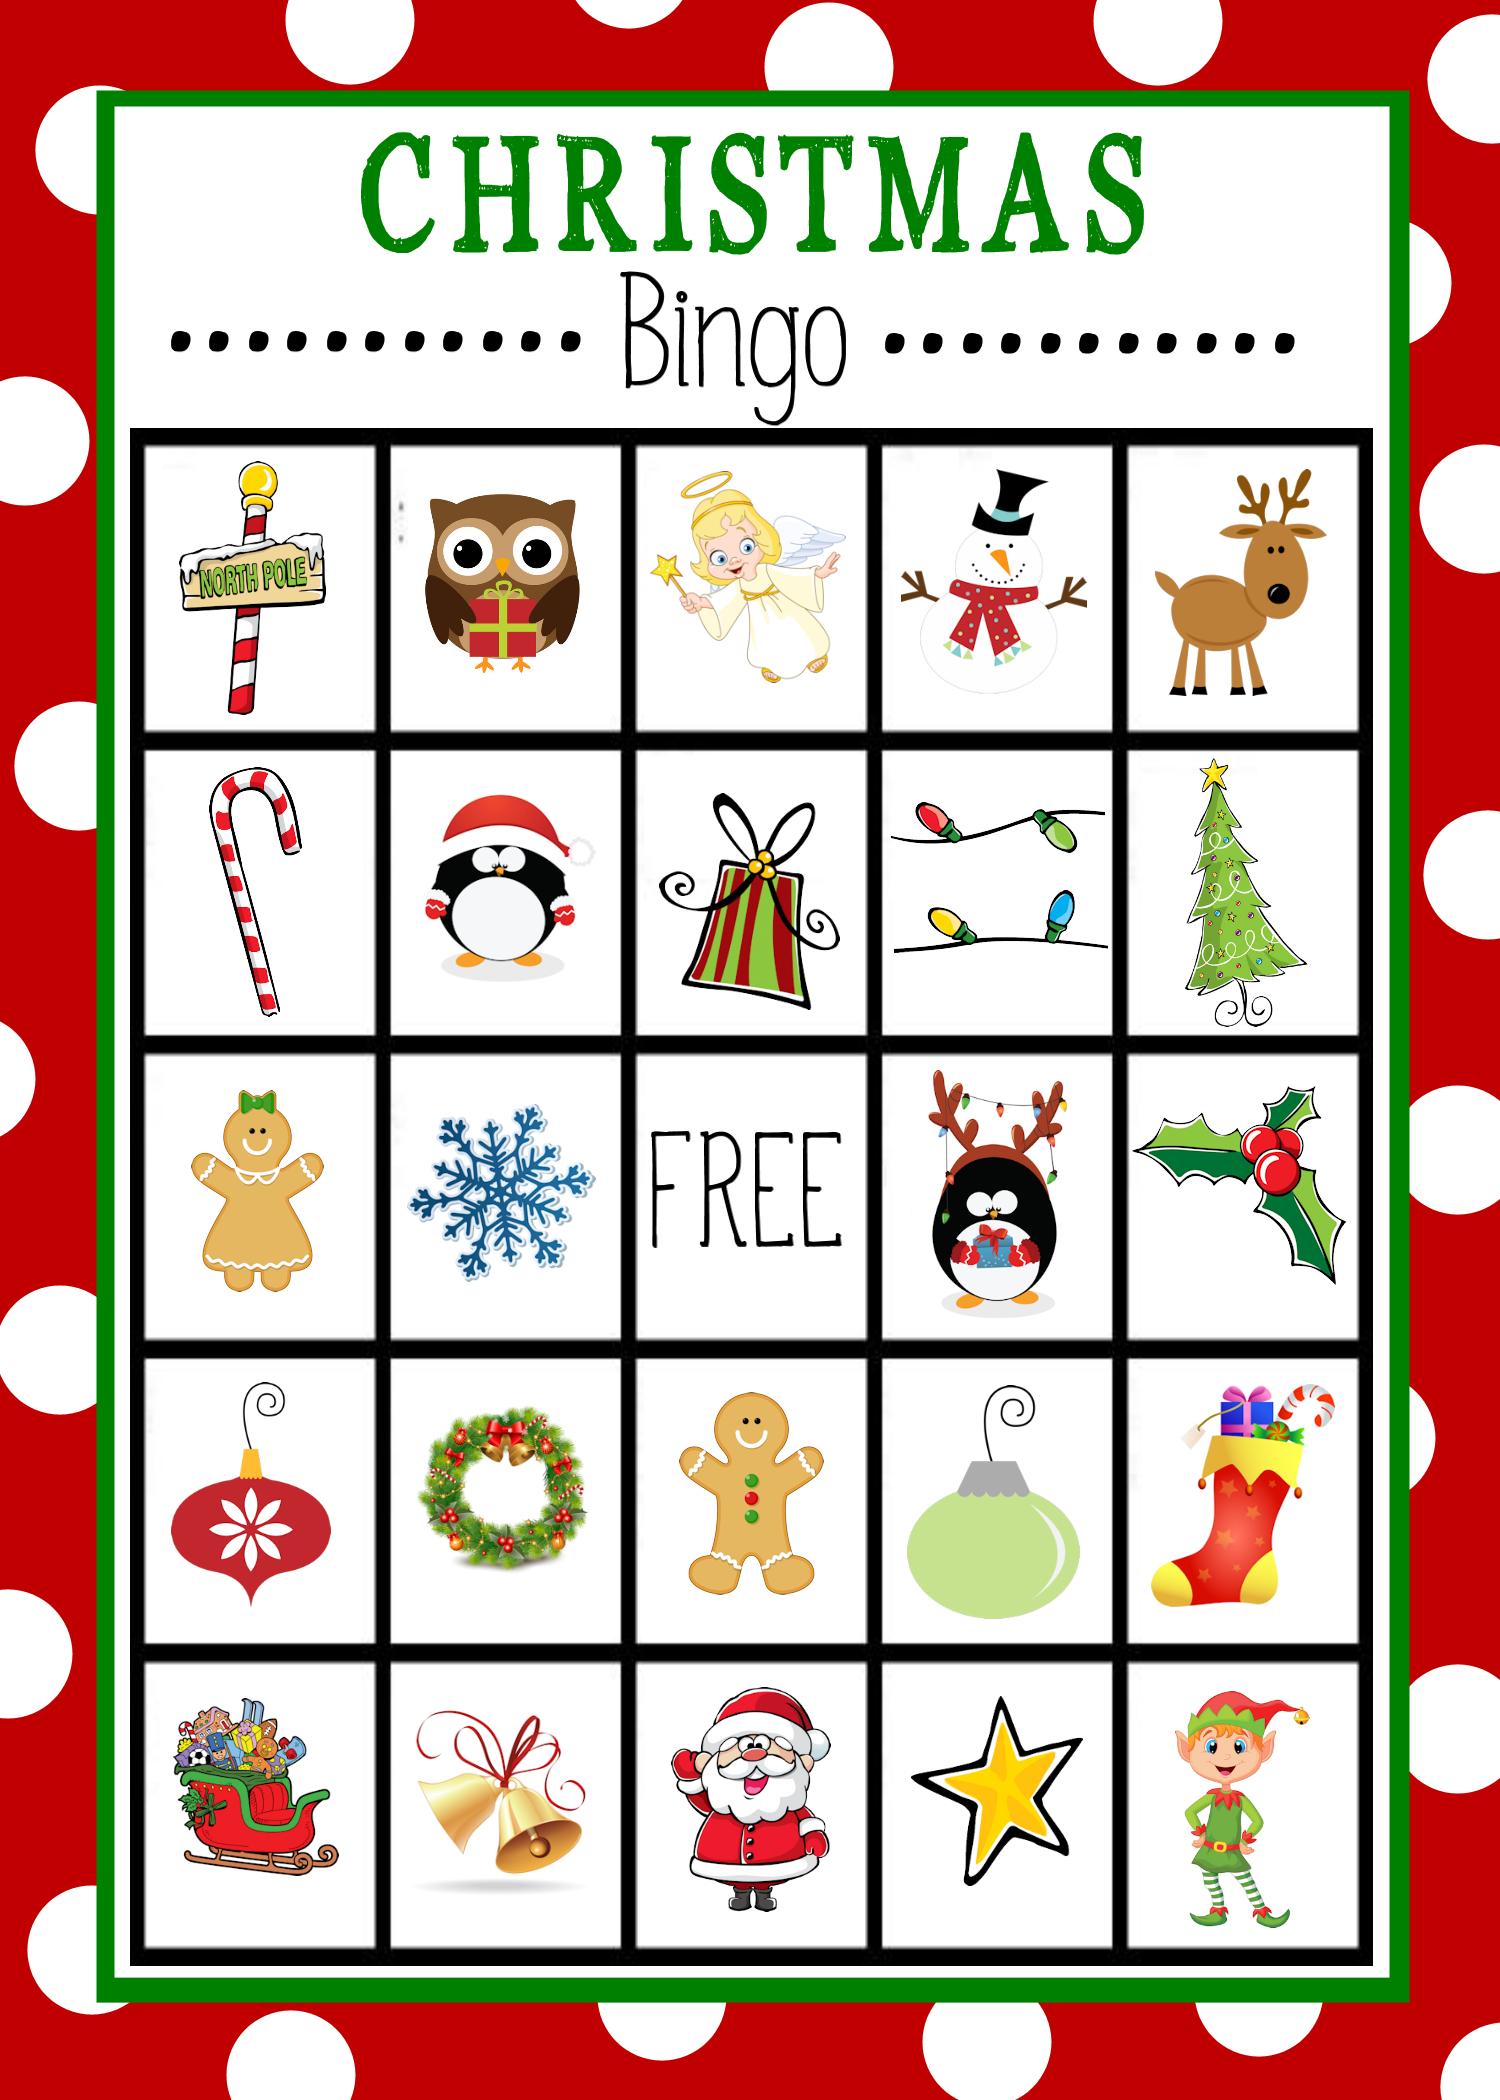 Free Printable Kids Christmas Bingo Game   Christmas Bingo